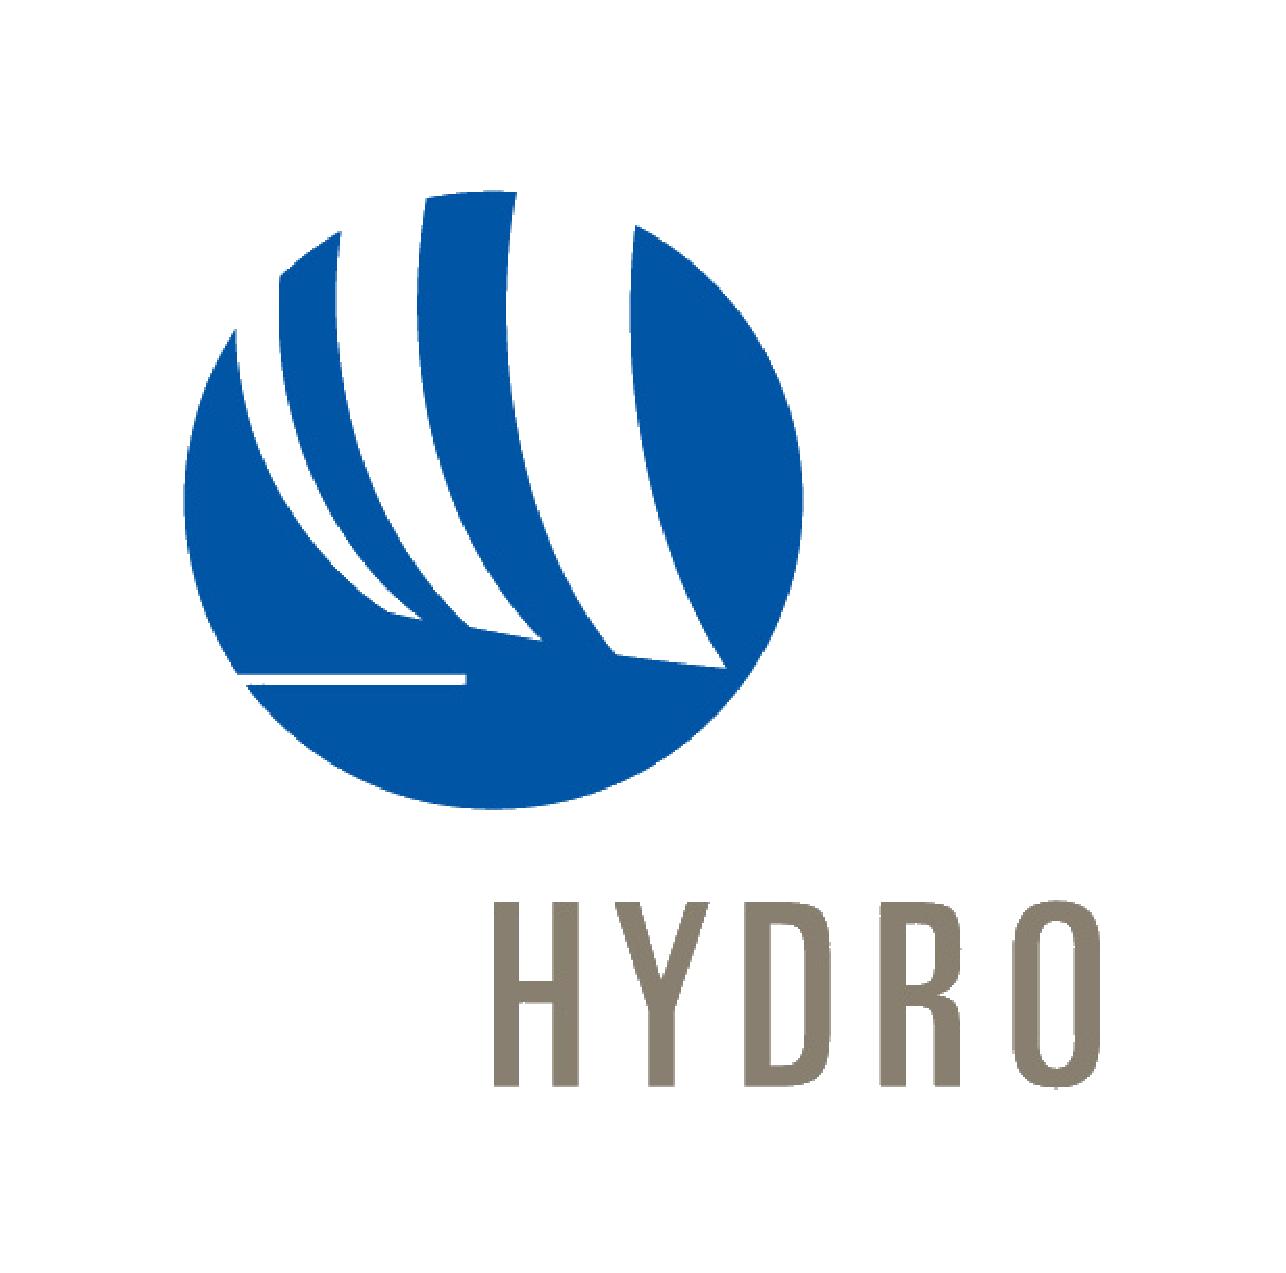 hydro_logo_blue.svg